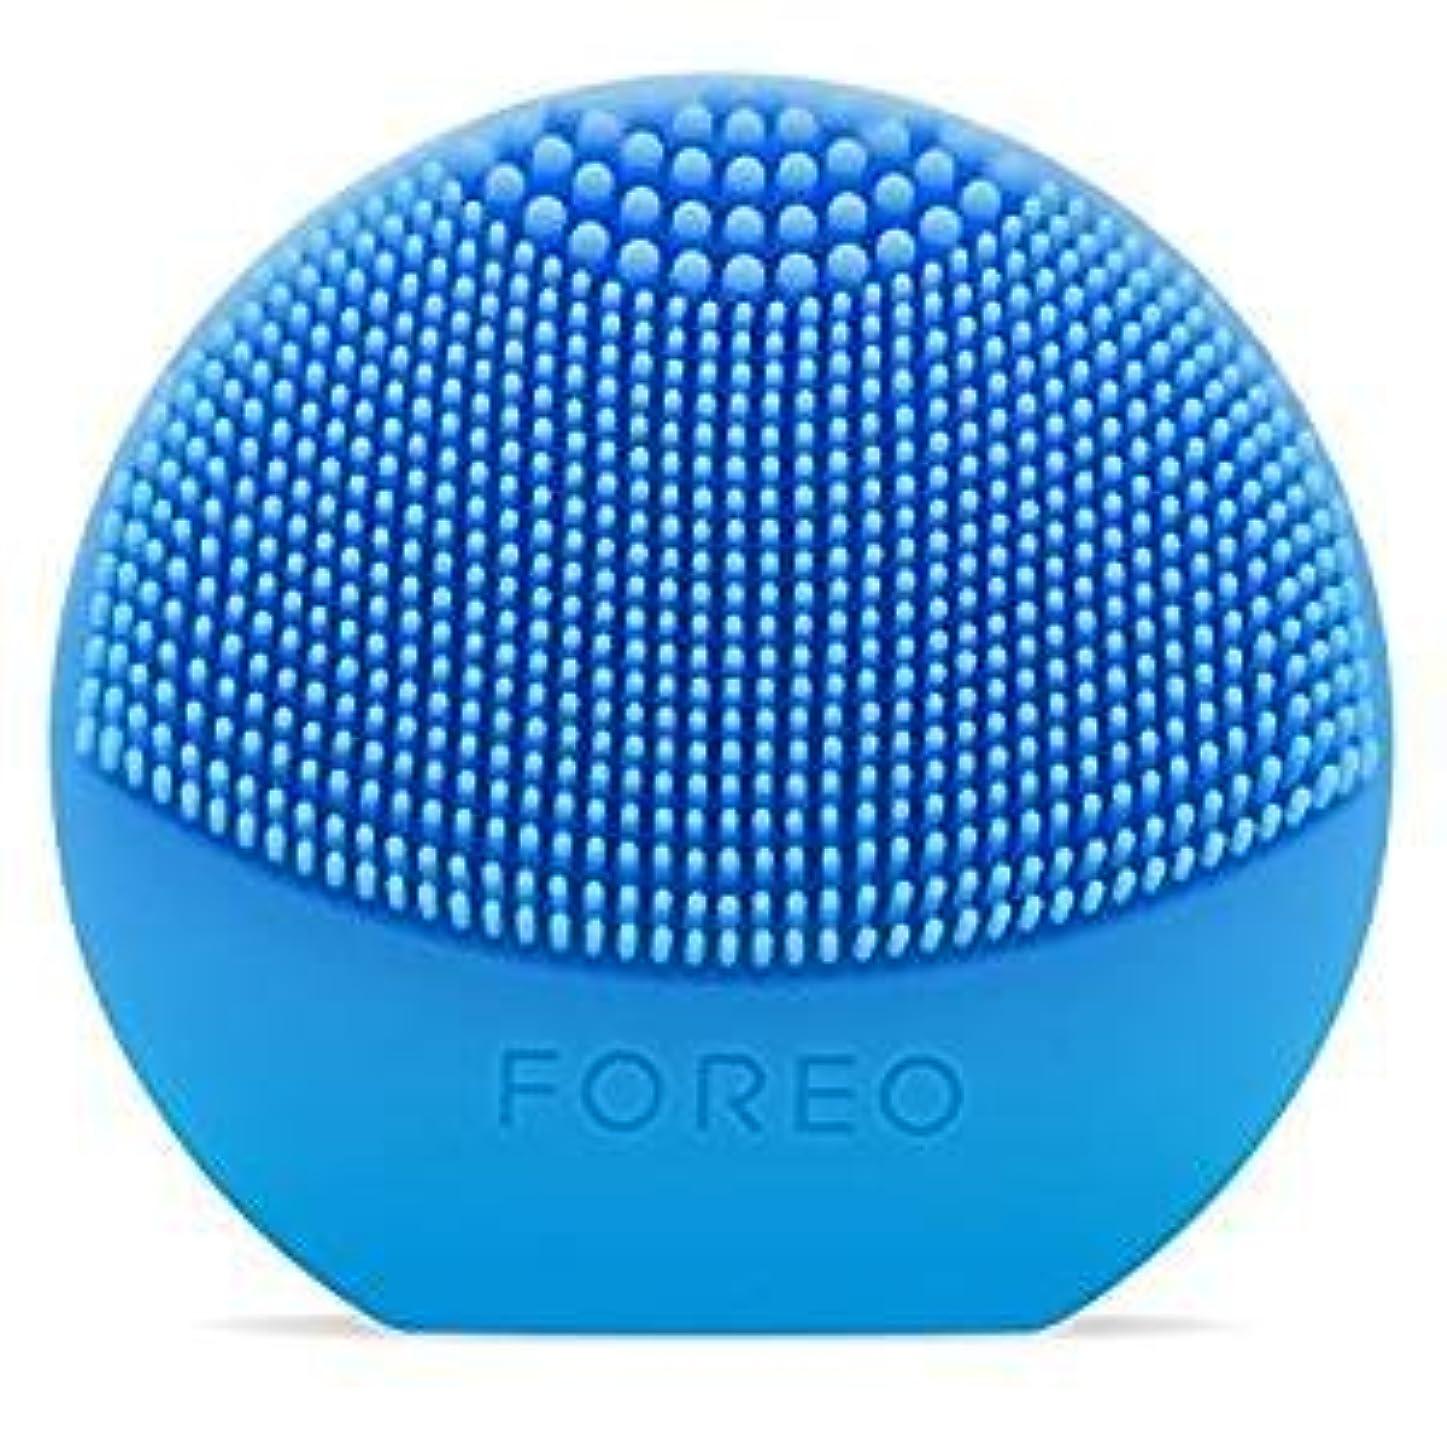 まろやかな甘味フォーラムFOREO LUNA Play Plus アクアマリン シリコーン製 音波振動 電動洗顔ブラシ 電池式